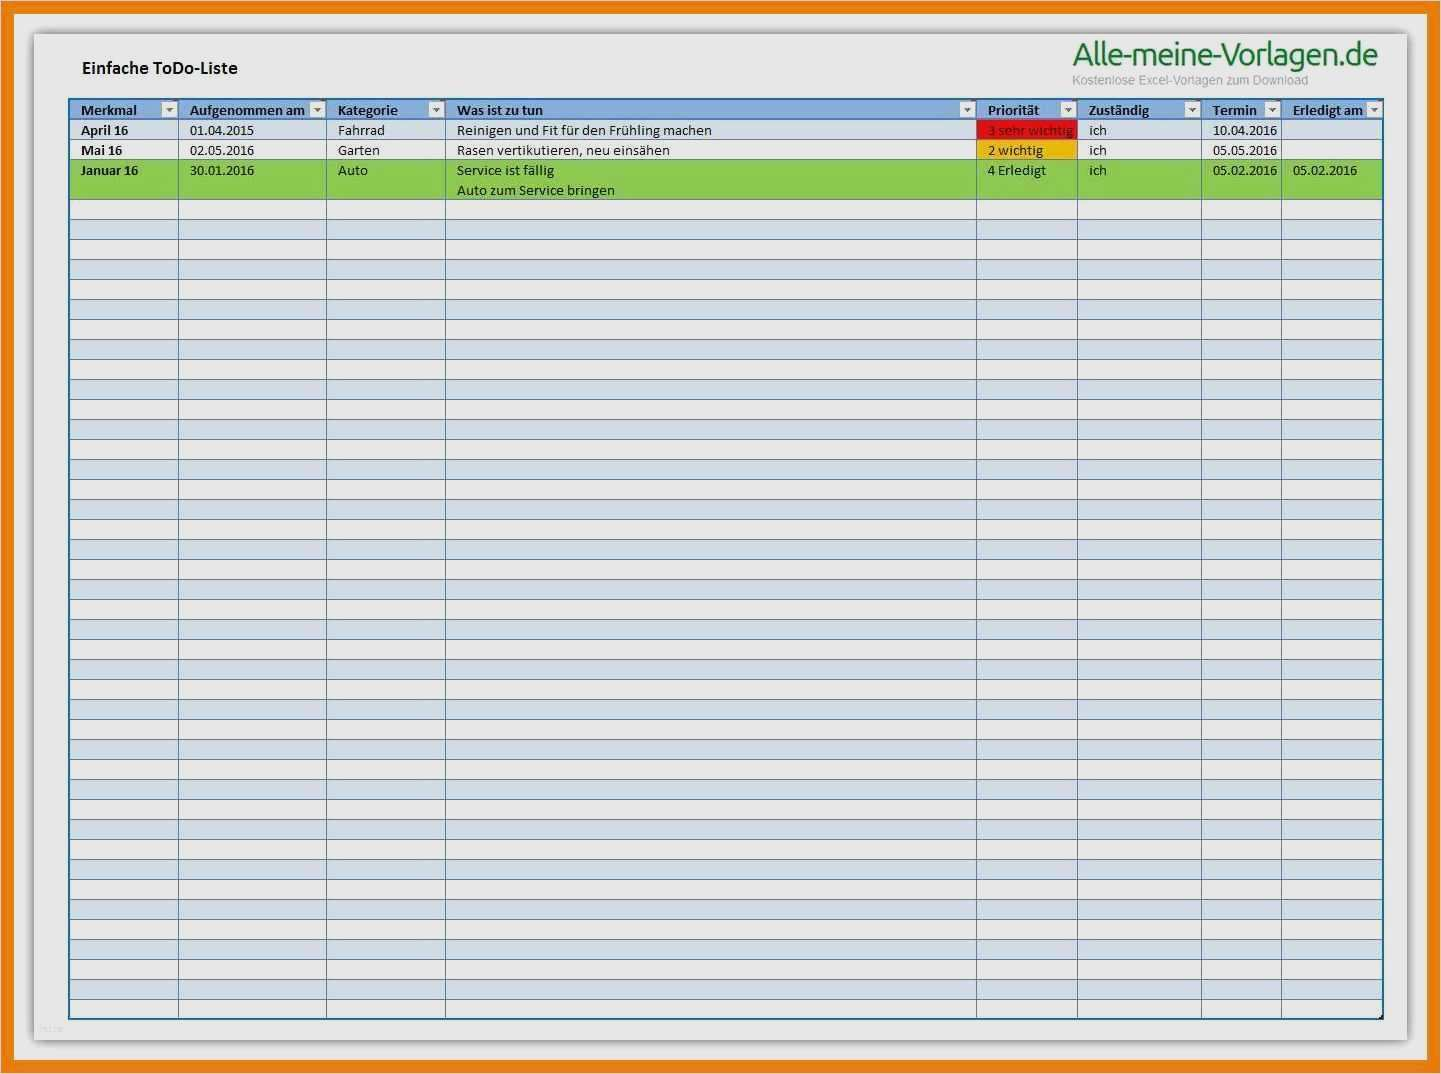 32 Erstaunlich Vorlage Besuchsbericht Galerie Vorlagen Haushaltsbuch Excel Vorlage Lebenslauf Layout